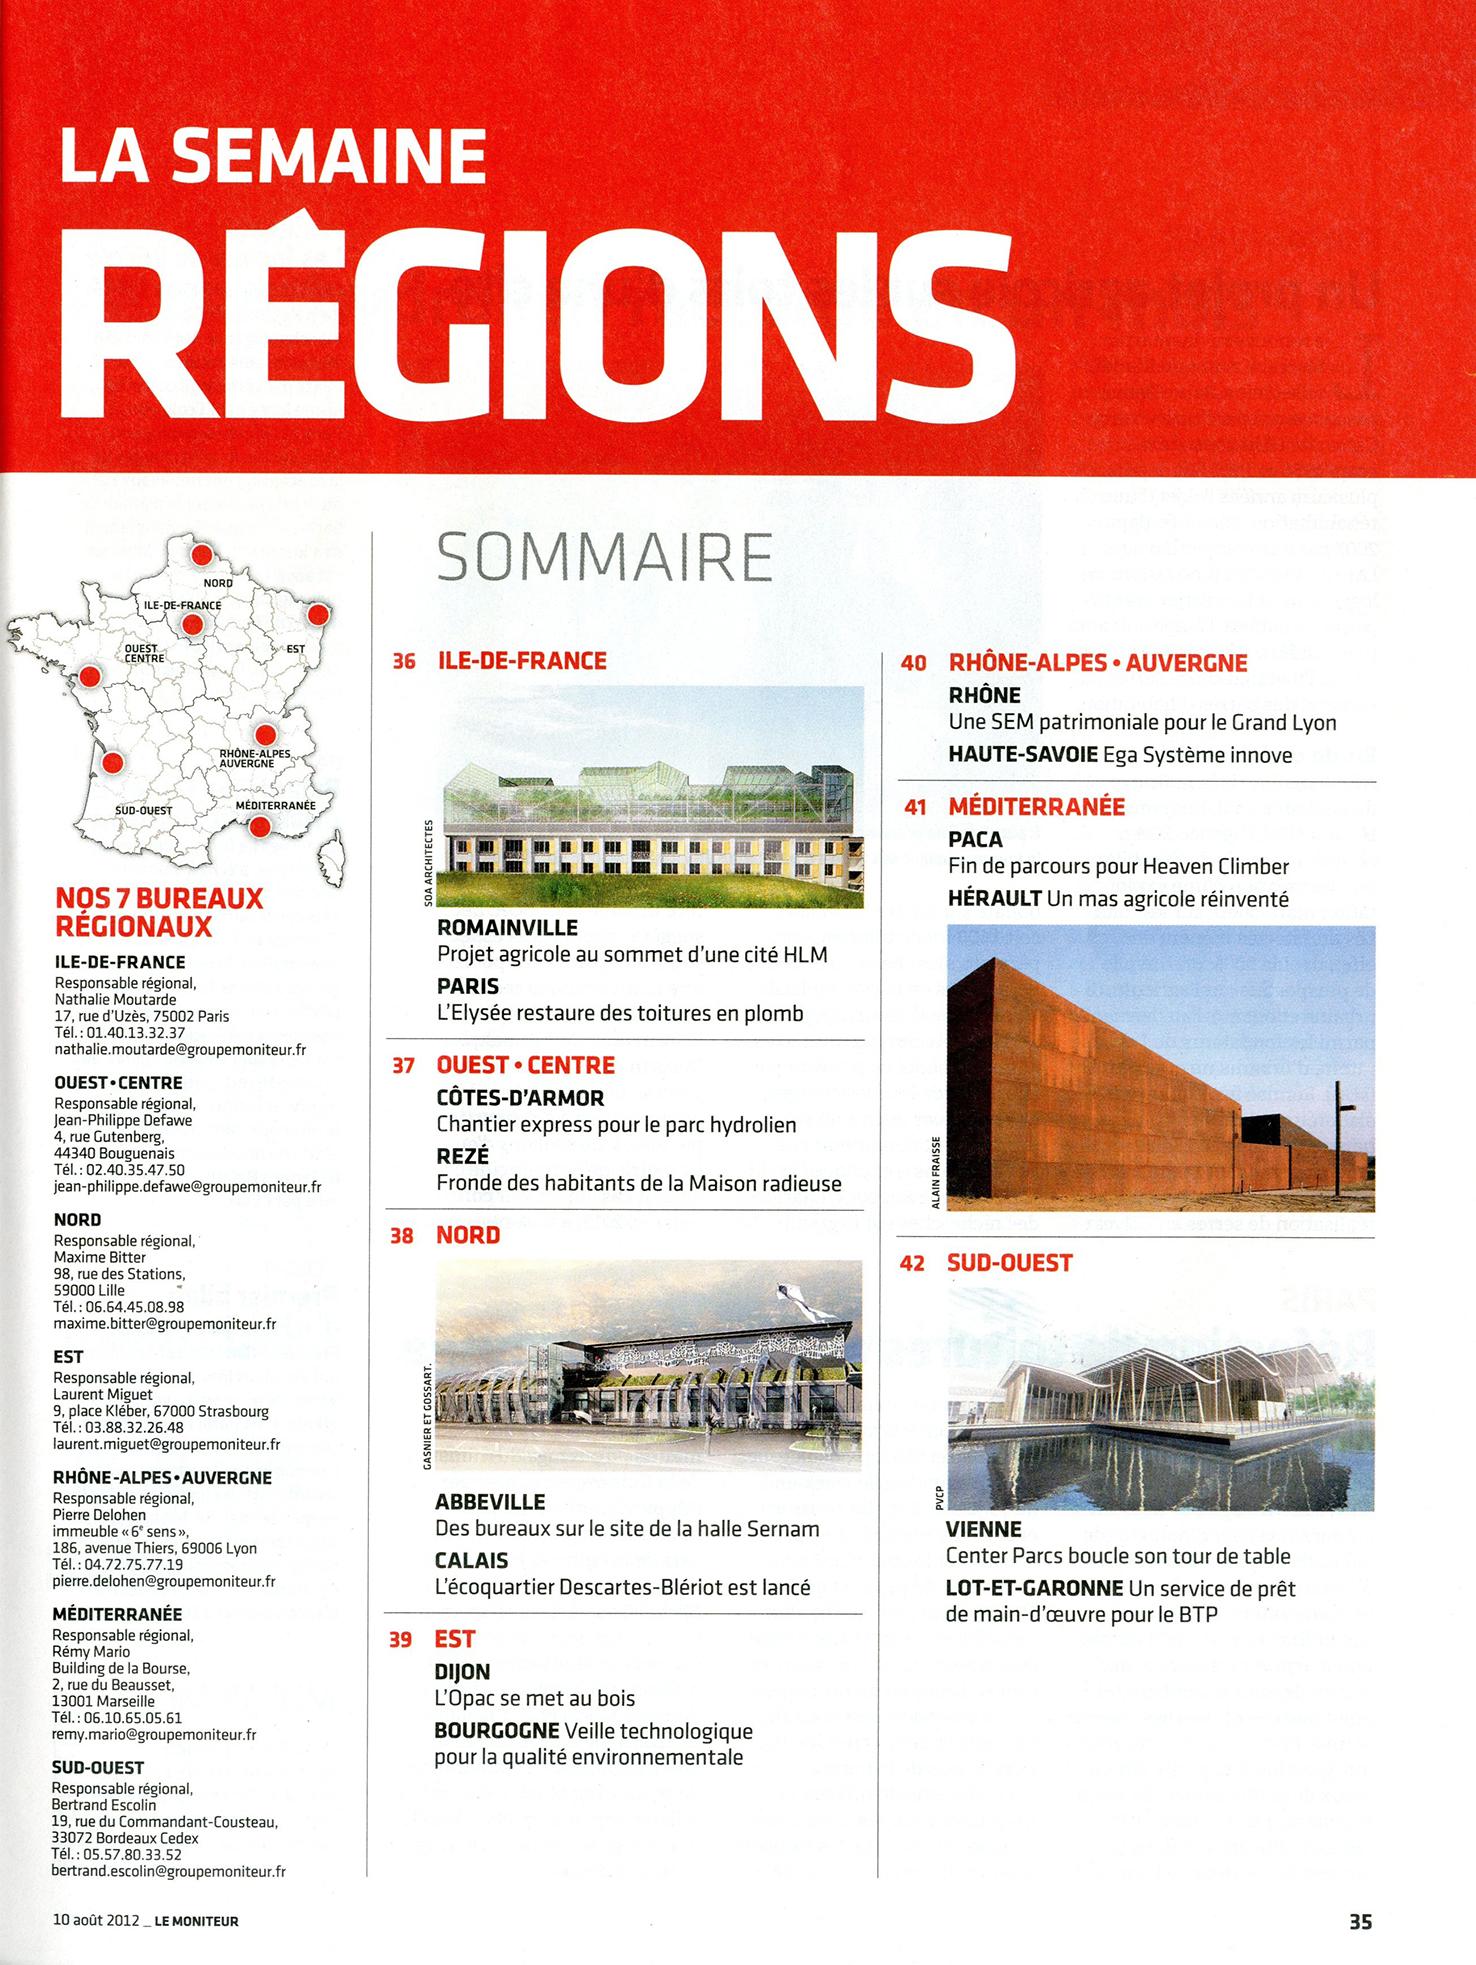 Le-Moniteur-Août-2012-002